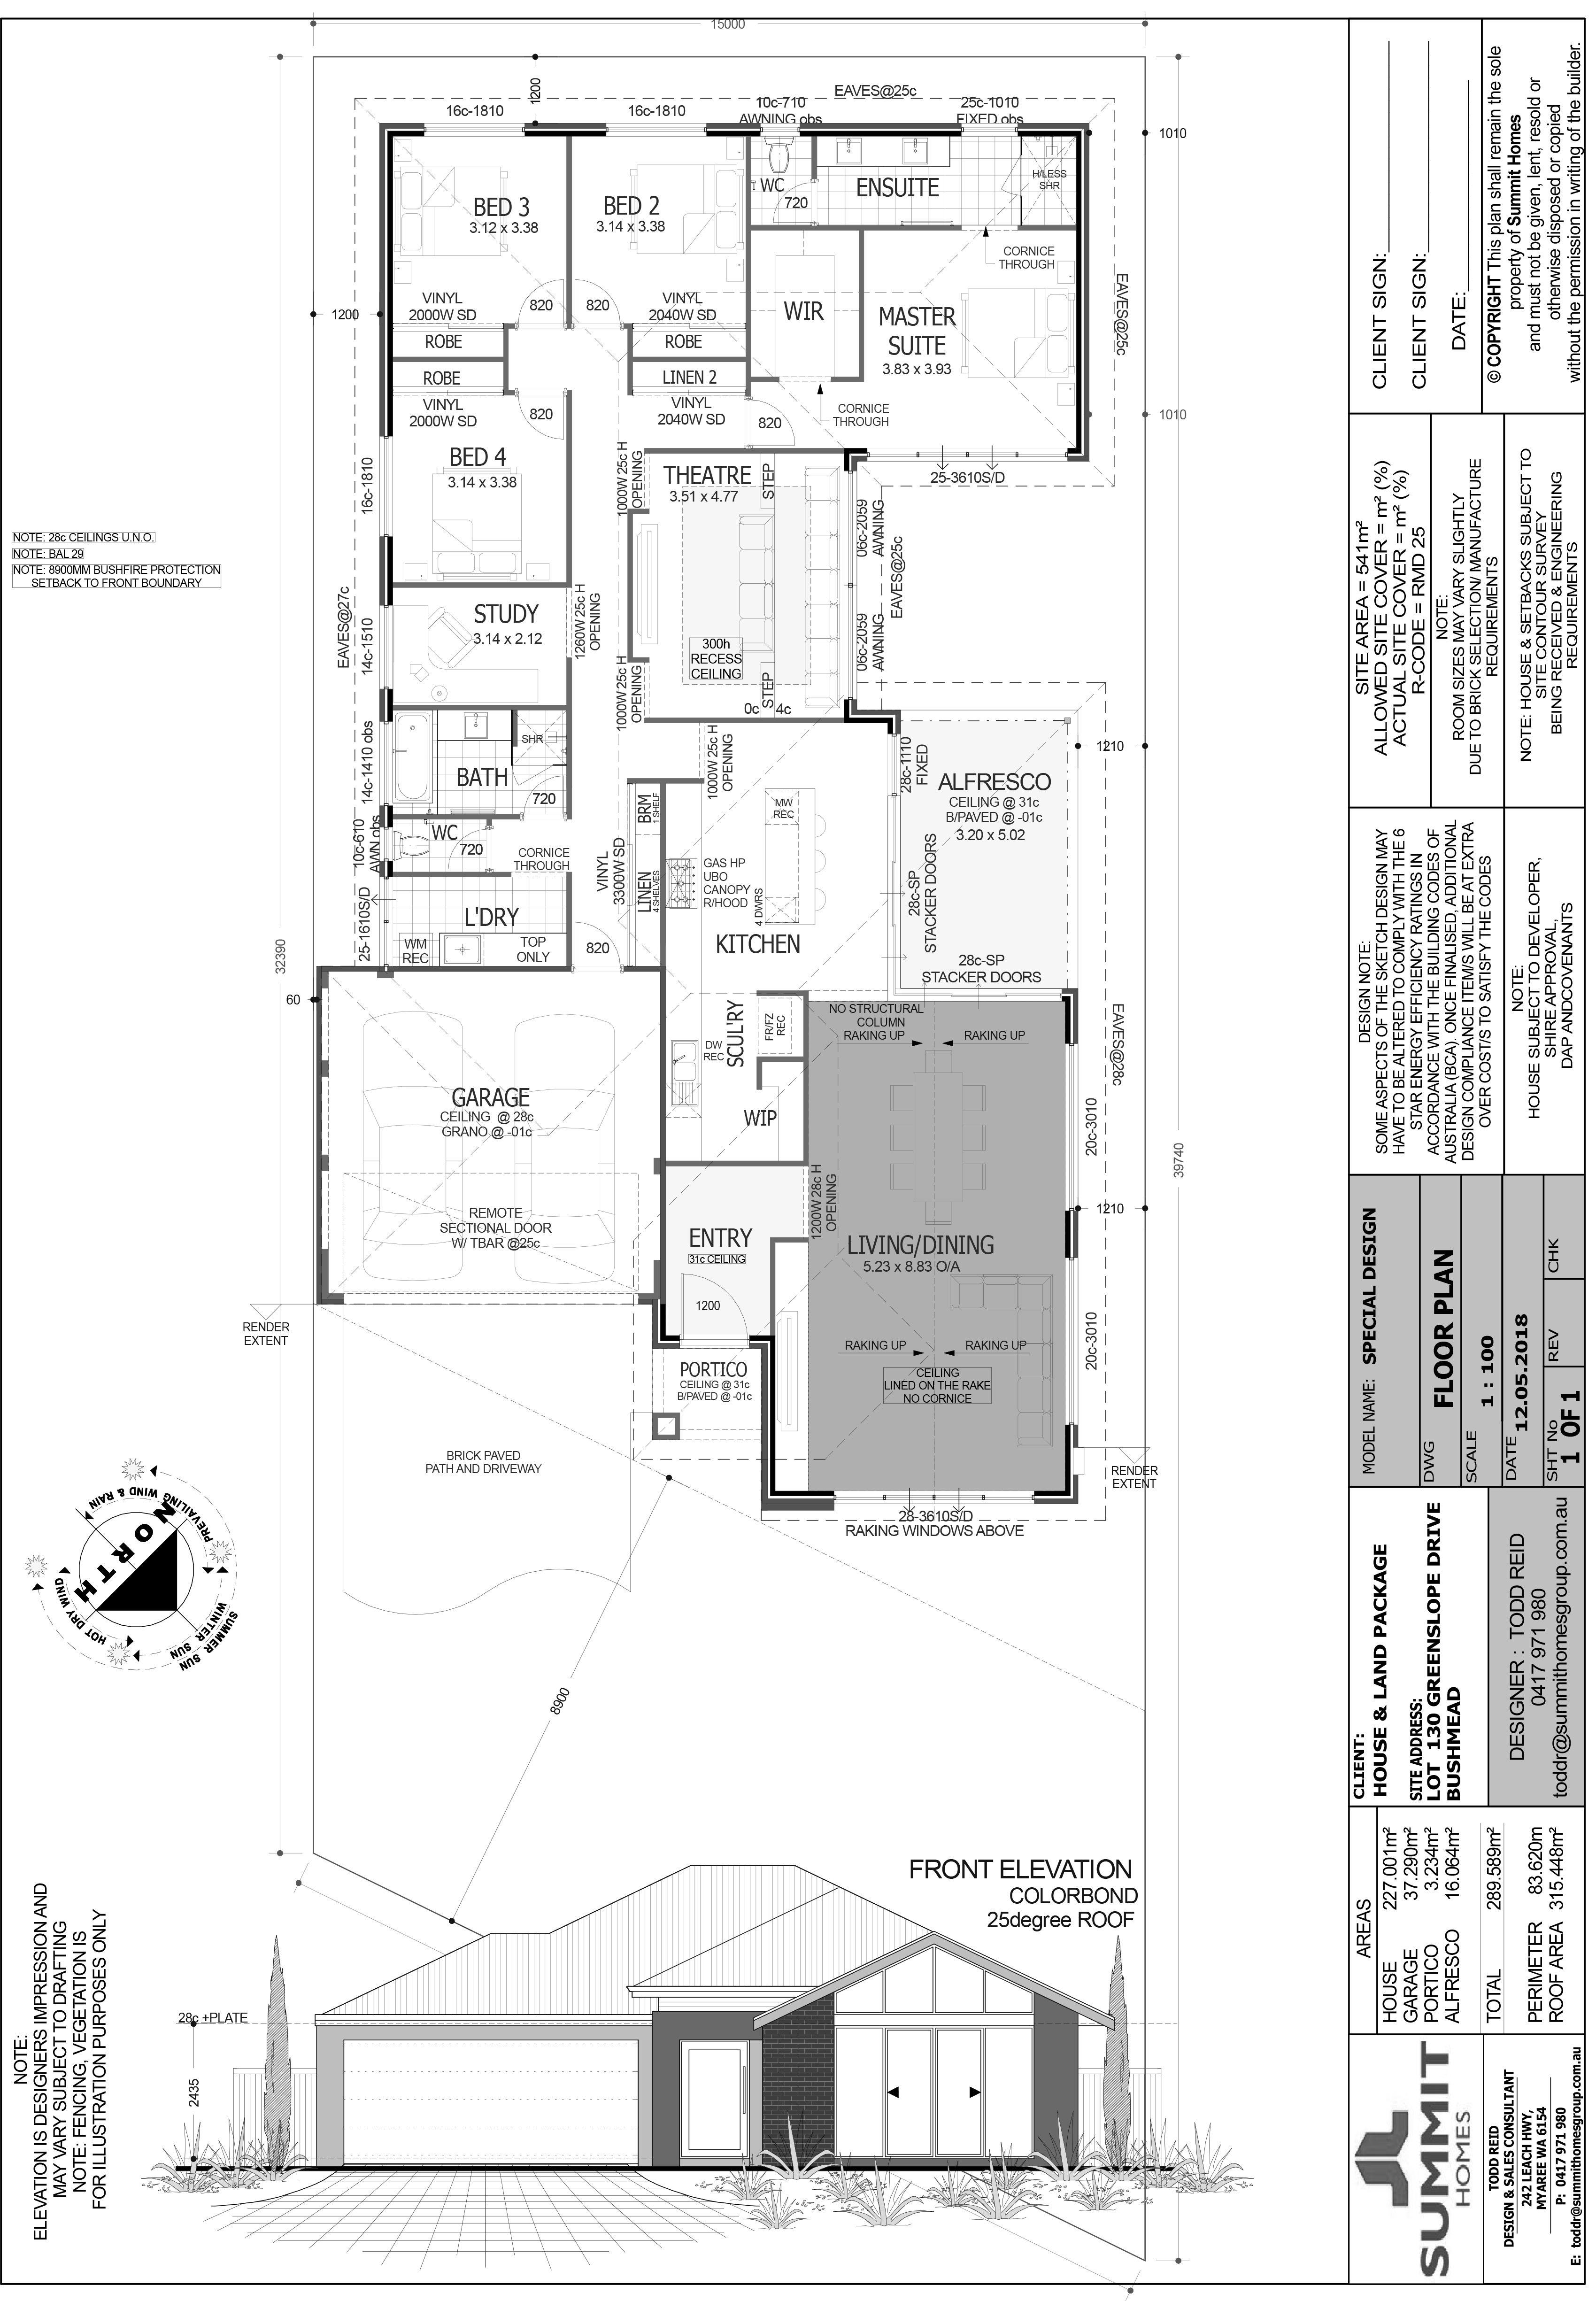 Floor Plan (Make Black And White)